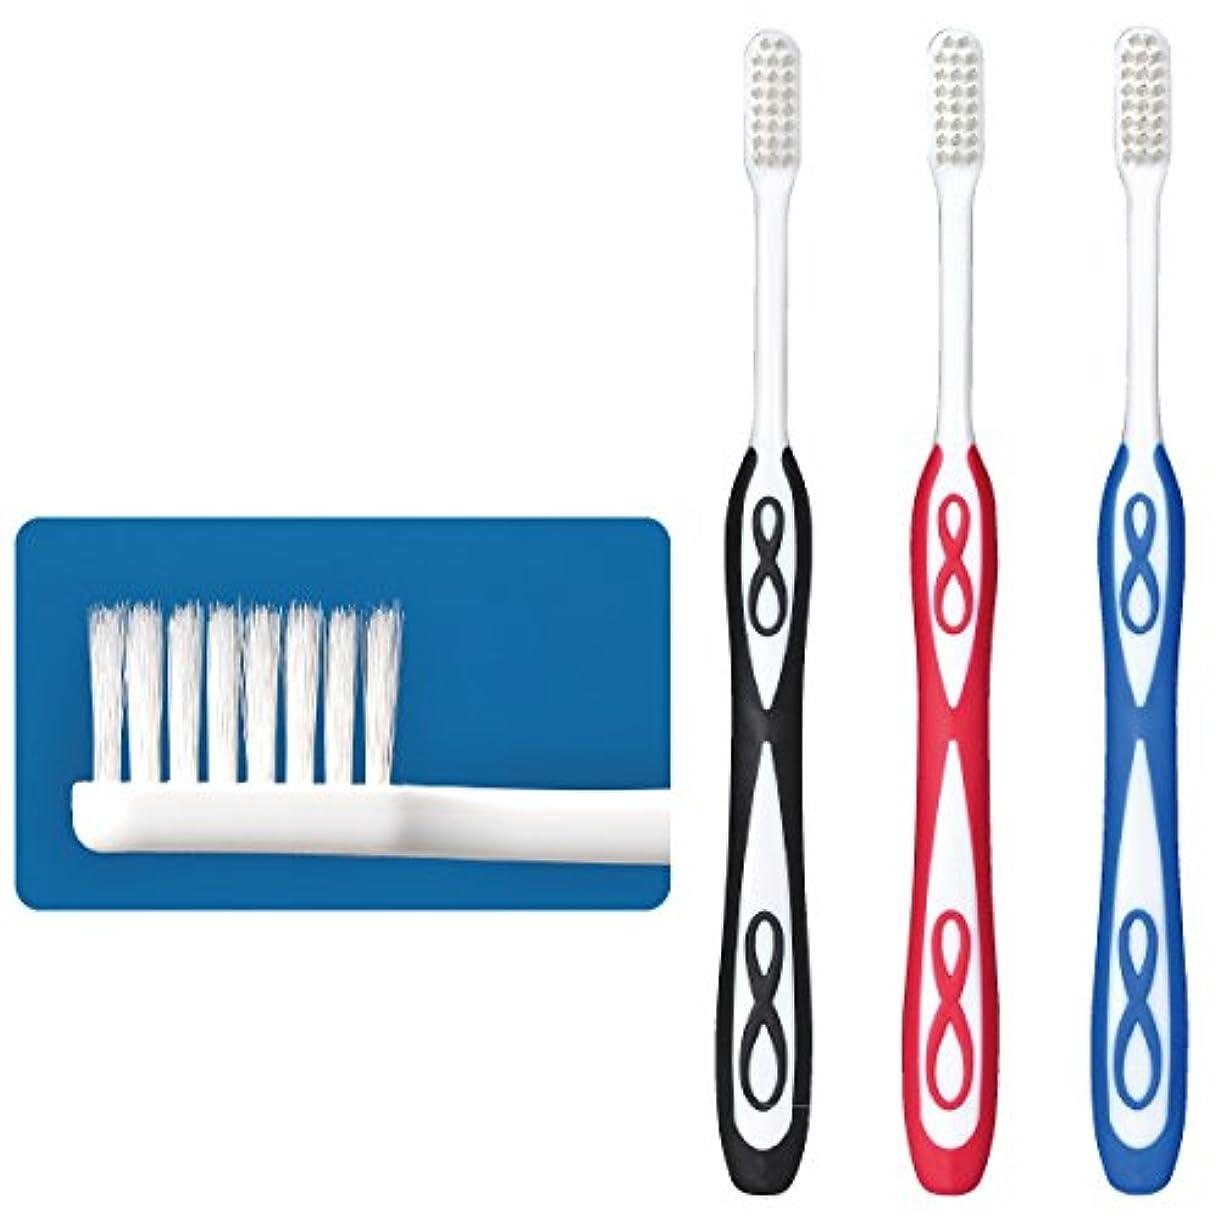 赤外線思慮深い脚本Lover8(ラバーエイト)歯ブラシ レギュラータイプ オールテーパー毛 Mふつう 3本入